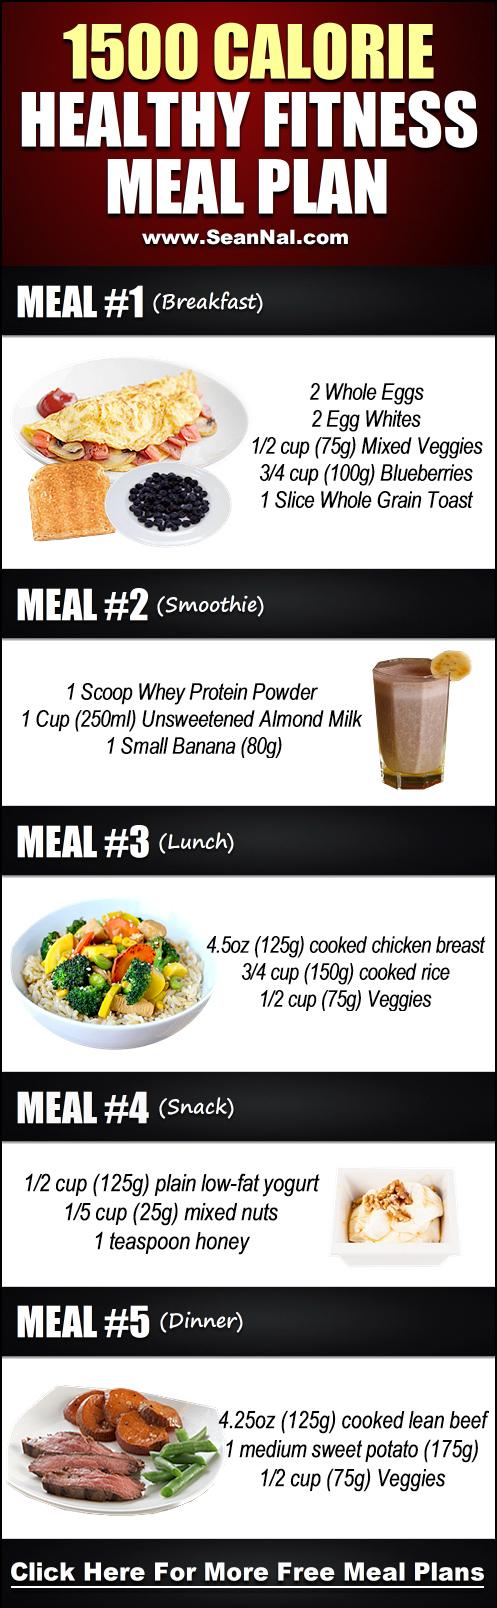 Kilo kaybı için Herkül diyeti arasındaki fark nedir